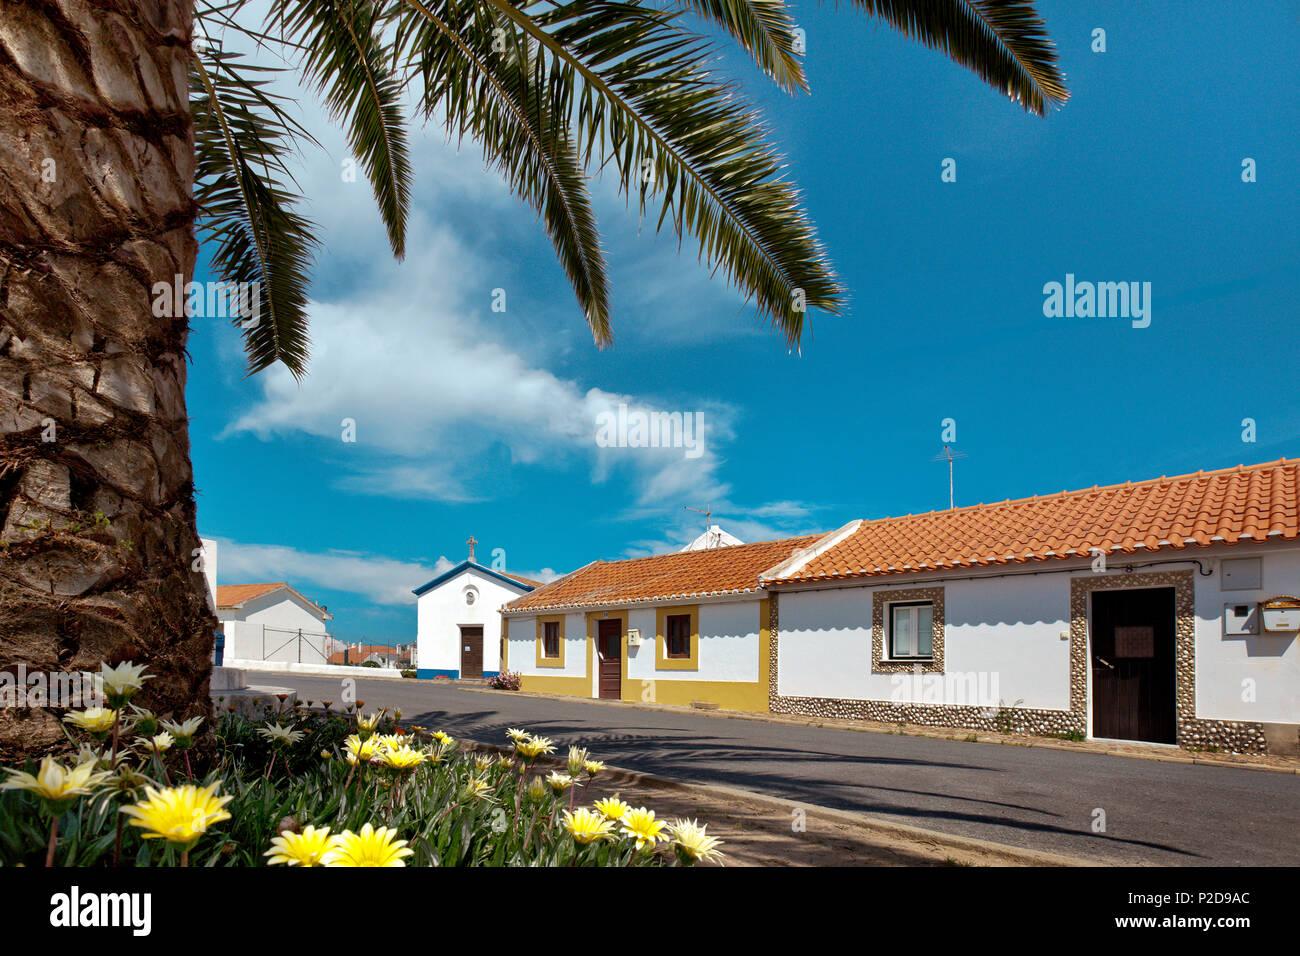 Calle de la aldea, Almograve, Costa Vicentina, Alentejo, Portugal Foto de stock